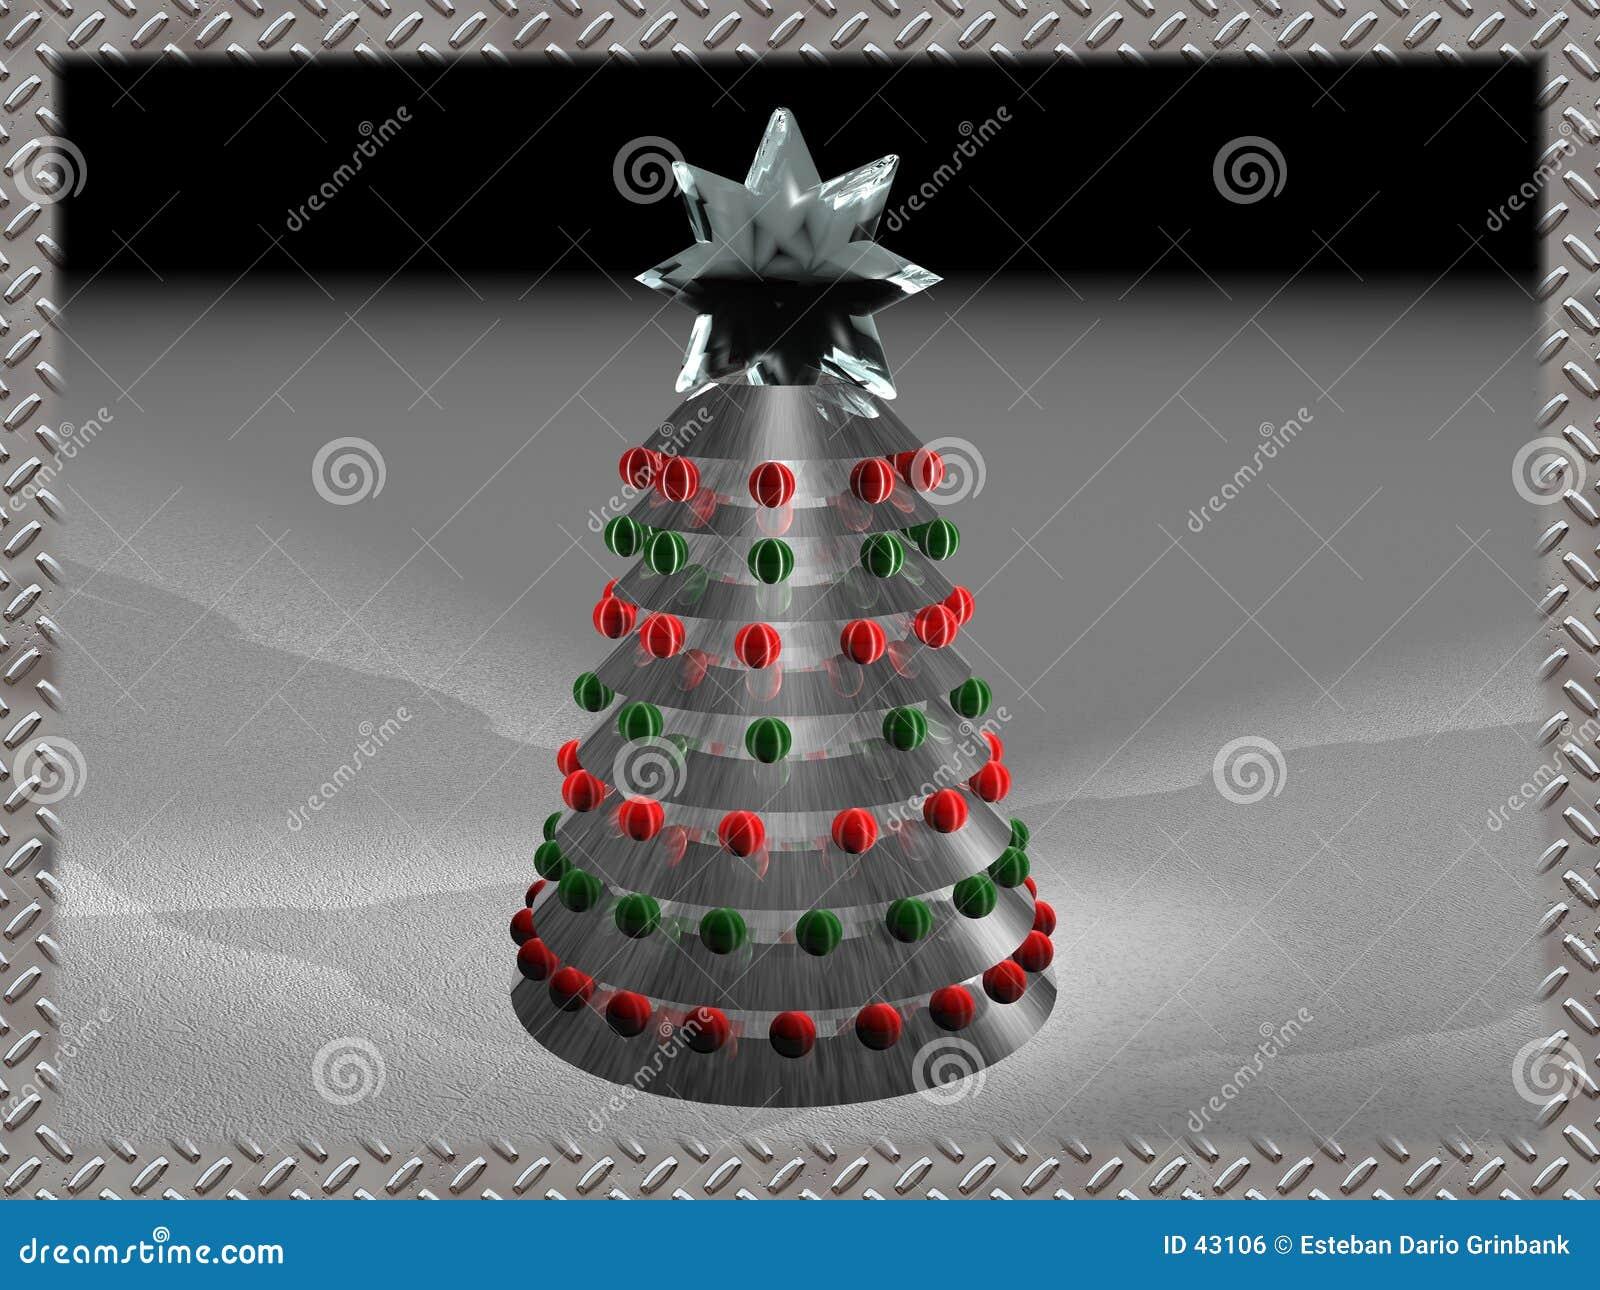 Techno Weihnachten 2